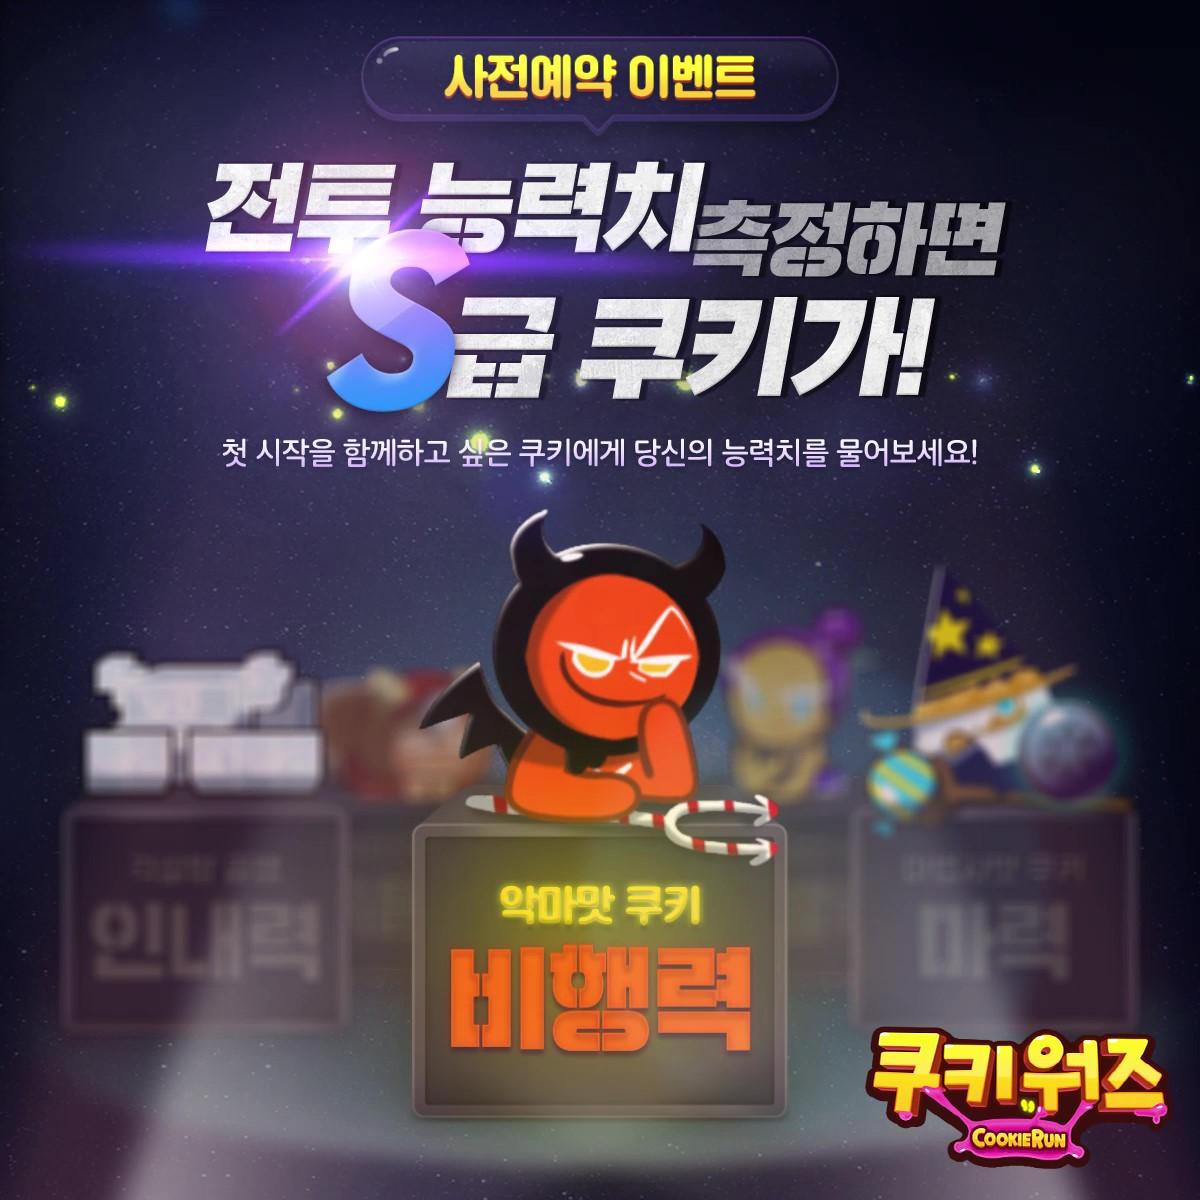 데브시스터즈, 신작 배틀게임 '쿠키워즈' 사전예약 시작